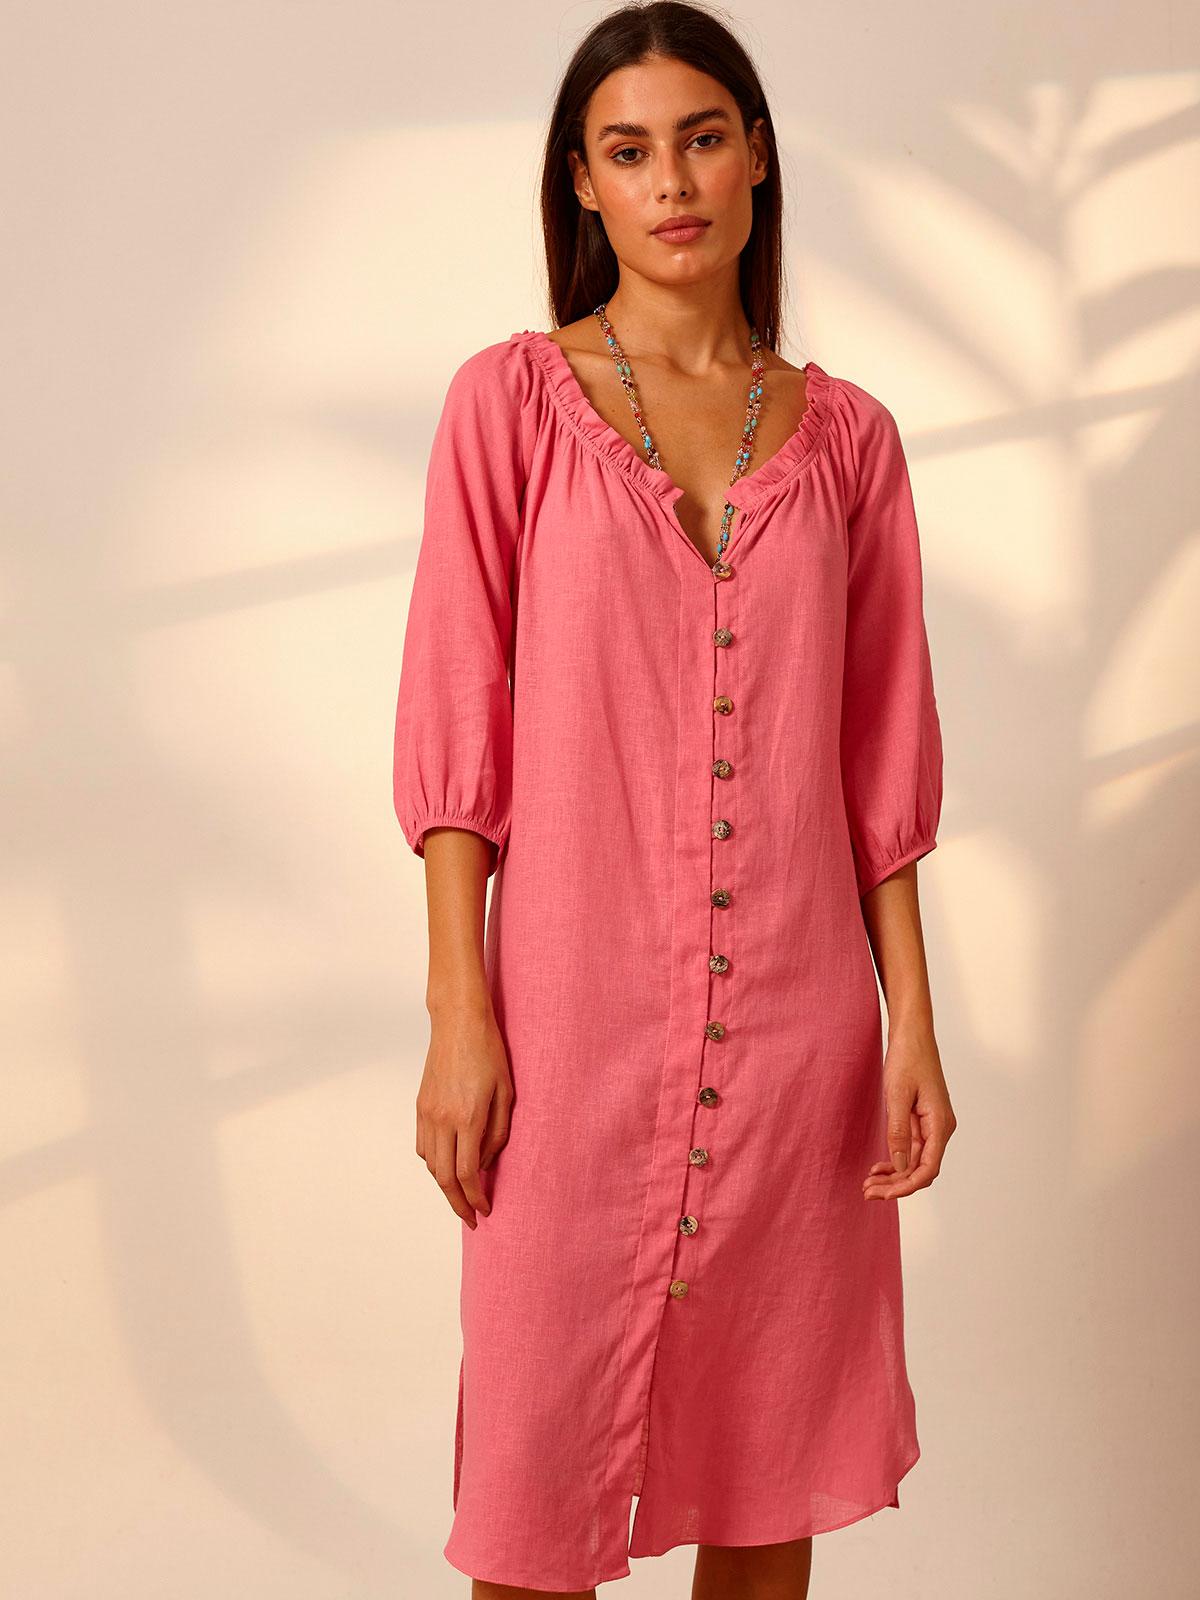 Vestido Linho Ciganinha Botões Rosa